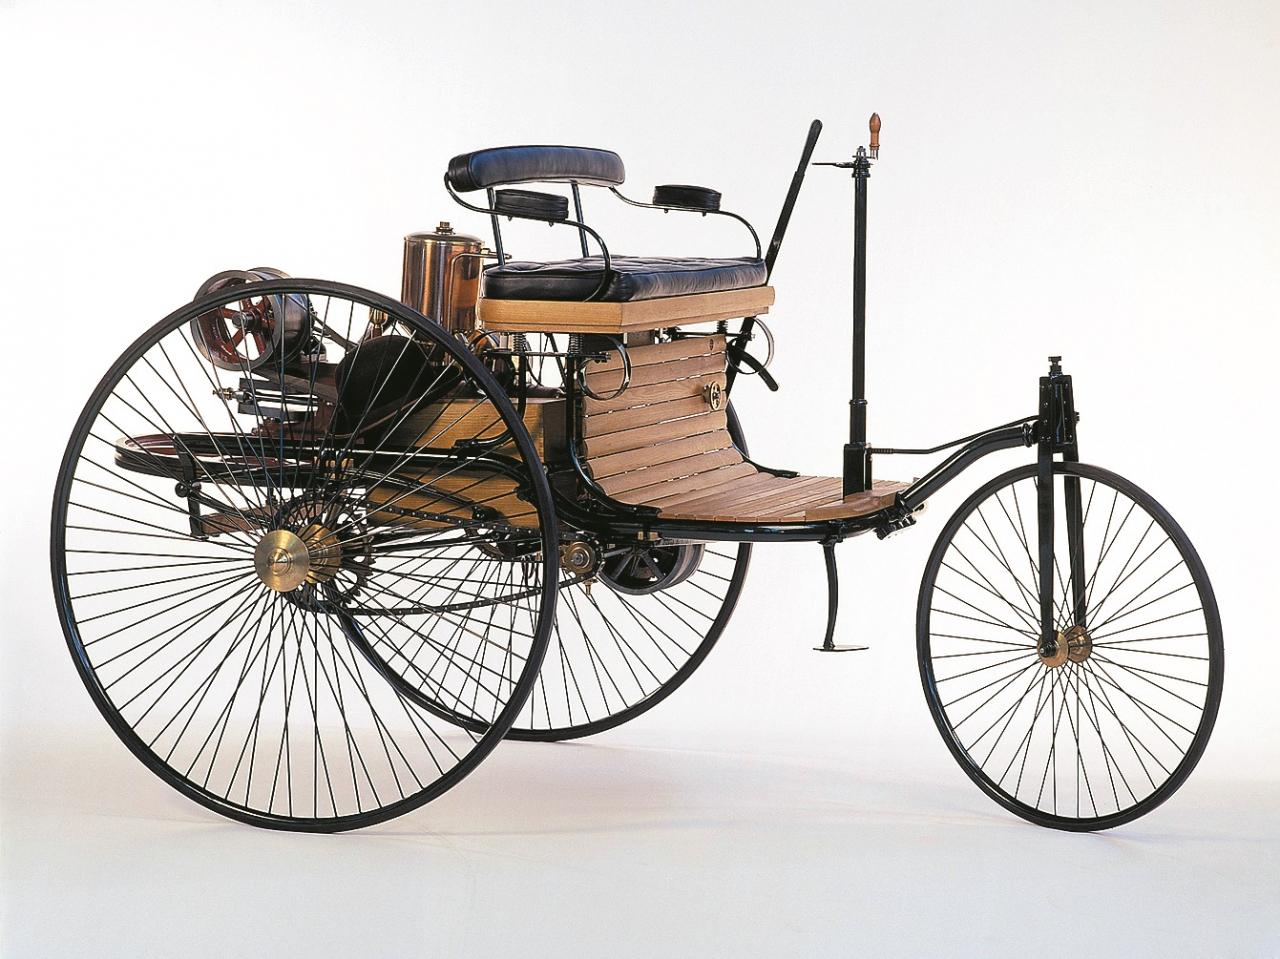 Pirmais auto ar iekšdedzes dzinēju, 1886. gads, Benz Patent-Motorwage